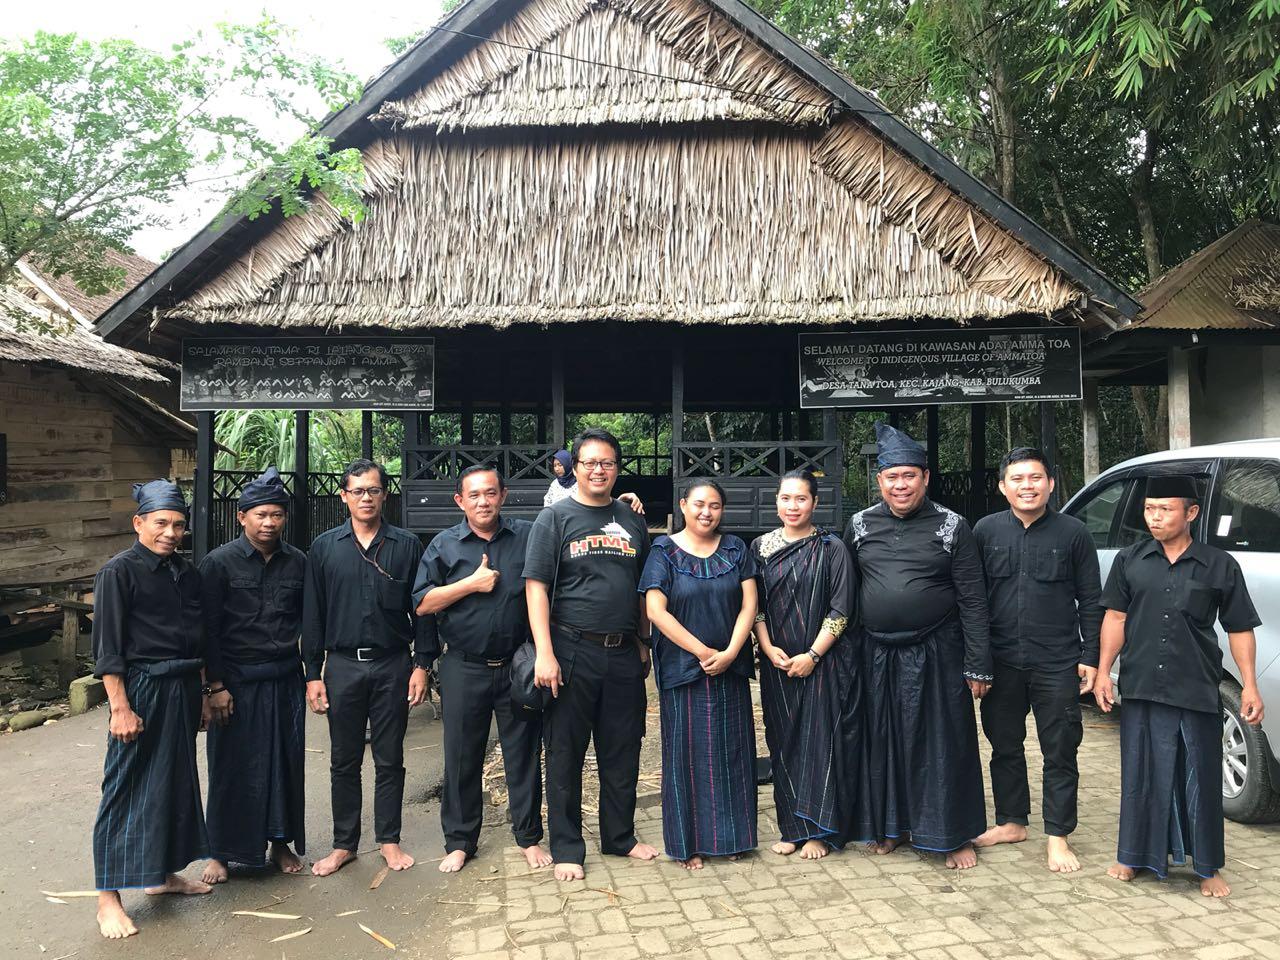 DPR RI Kawal RUU Masyarakat Adat, Tenaga Ahli Badan Legislatif DPR RI Kunjungi Masyarakat Adat Ammatoa Kajang Sulawesi Selatan